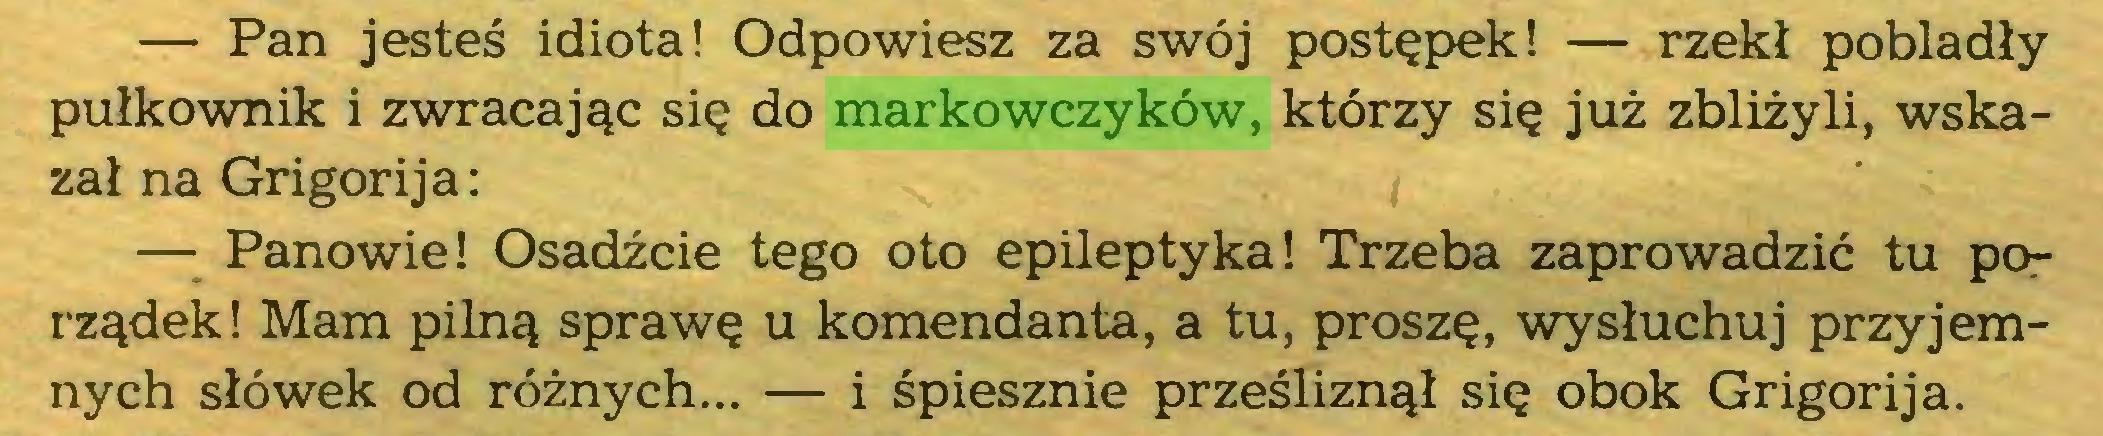 (...) — Pan jesteś idiota! Odpowiesz za swój postępek! — rzekł pobladły pułkownik i zwracając się do markowczyków, którzy się już zbliżyli, wskazał na Grigorija: — Panowie! Osadźcie tego oto epileptyka! Trzeba zaprowadzić tu porządek ! Mam pilną sprawę u komendanta, a tu, proszę, wysłuchuj przyjemnych słówek od różnych... — i śpiesznie prześliznął się obok Grigorija...